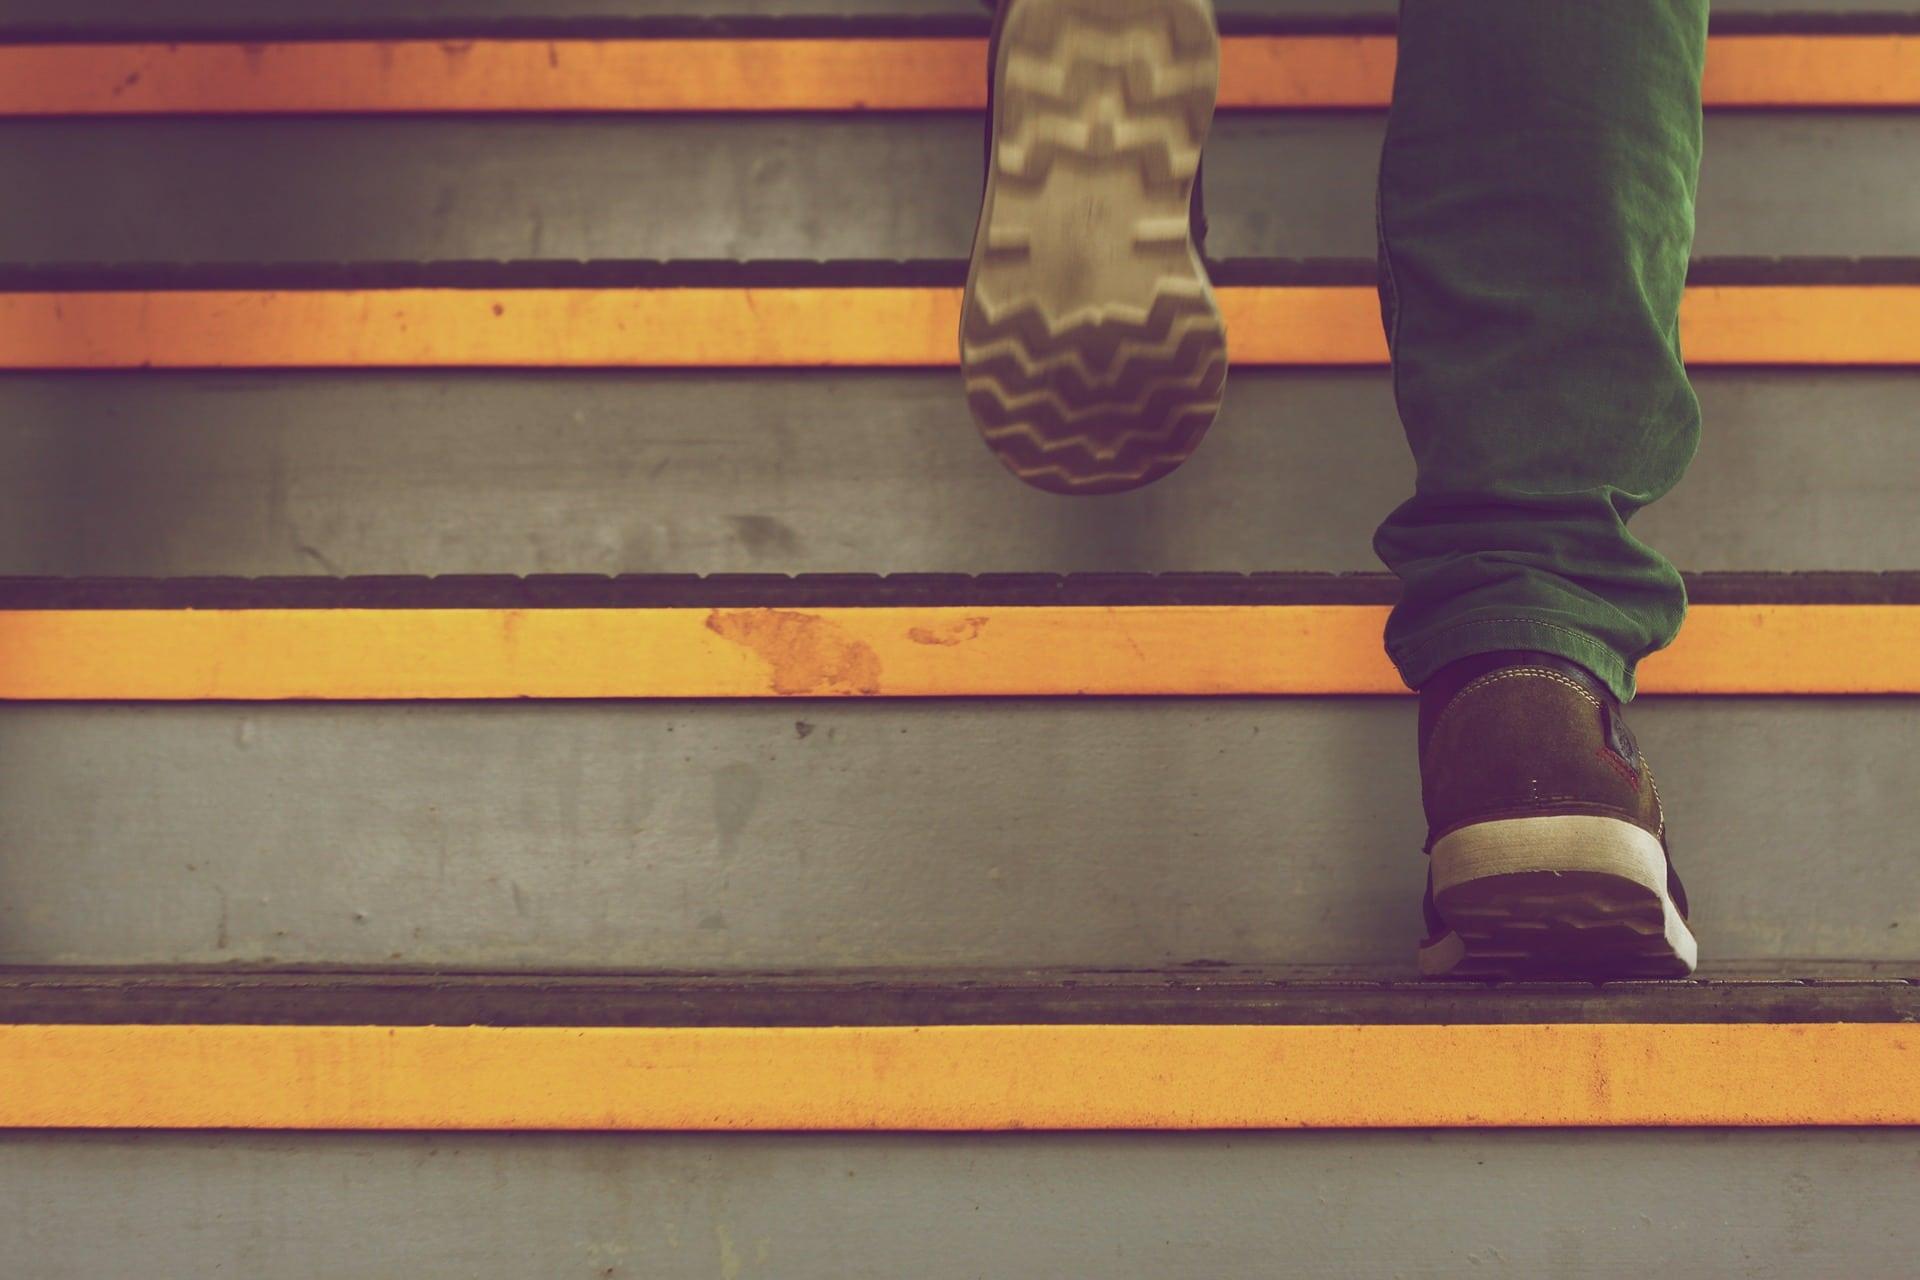 Schritte Treppe Bis Treppenhaus Leistung Zukunft - (c) Pixabay